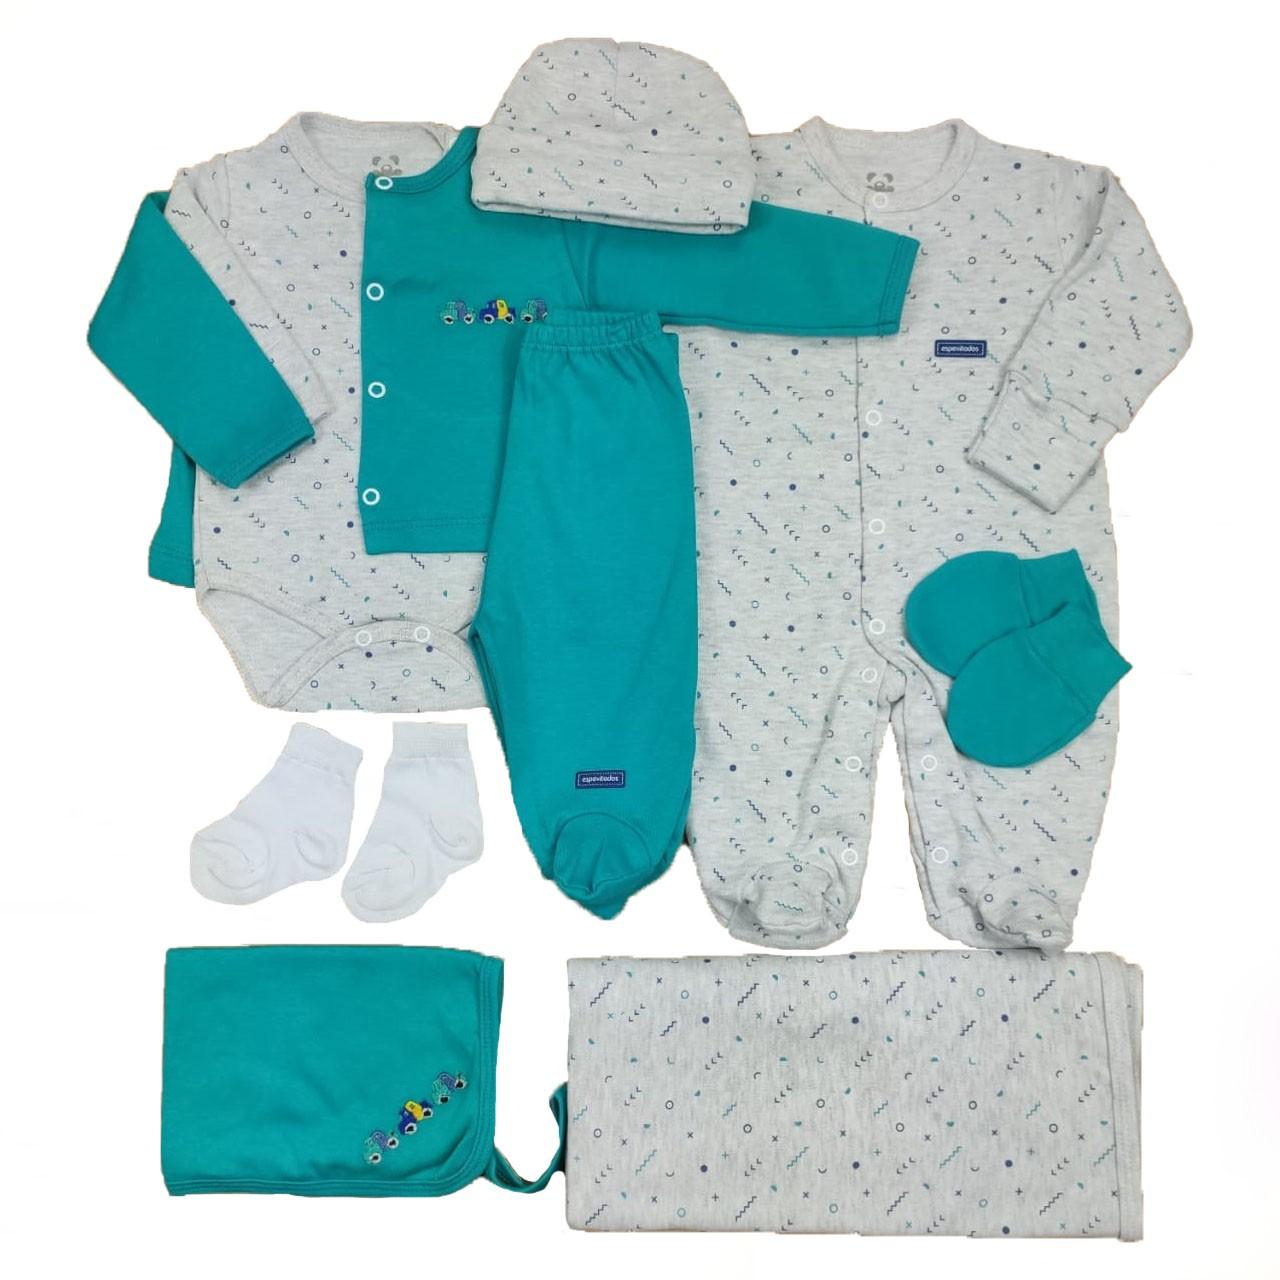 Kit Sáida Maternidade Verde e Mescla - 9 Peças